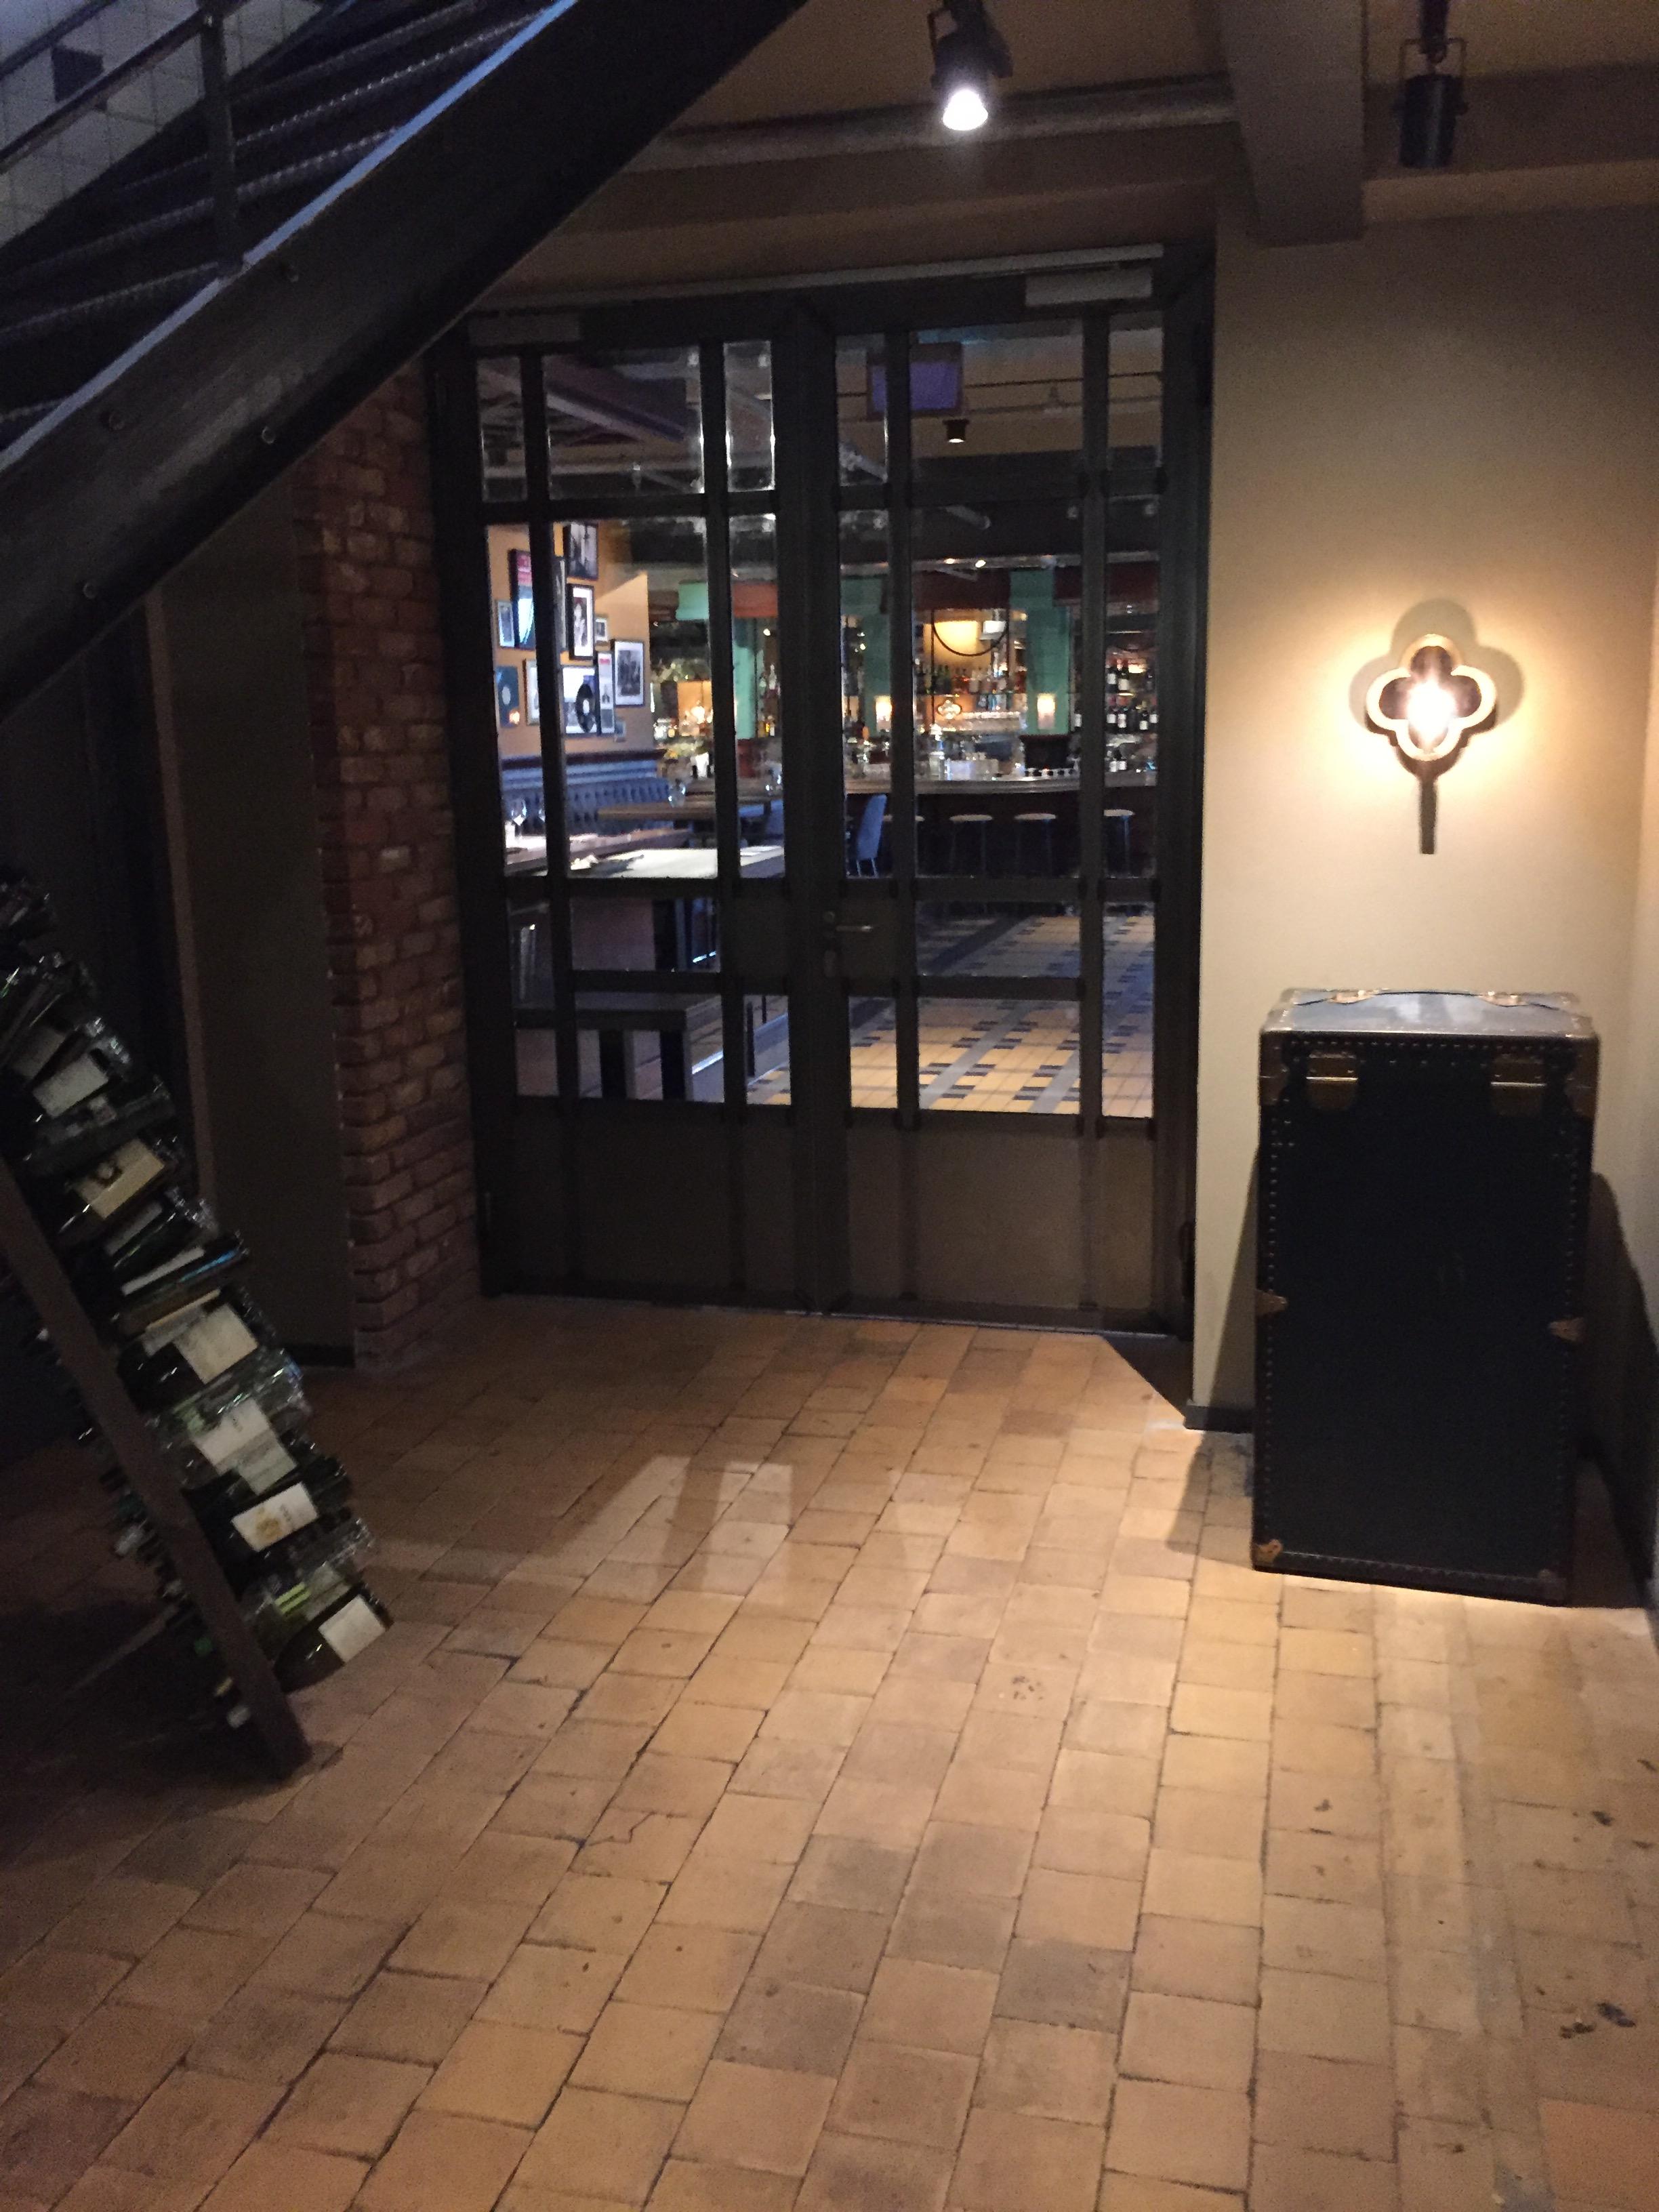 Staal verwerkt in interieur hotel new york zador for Interieur bedrijf